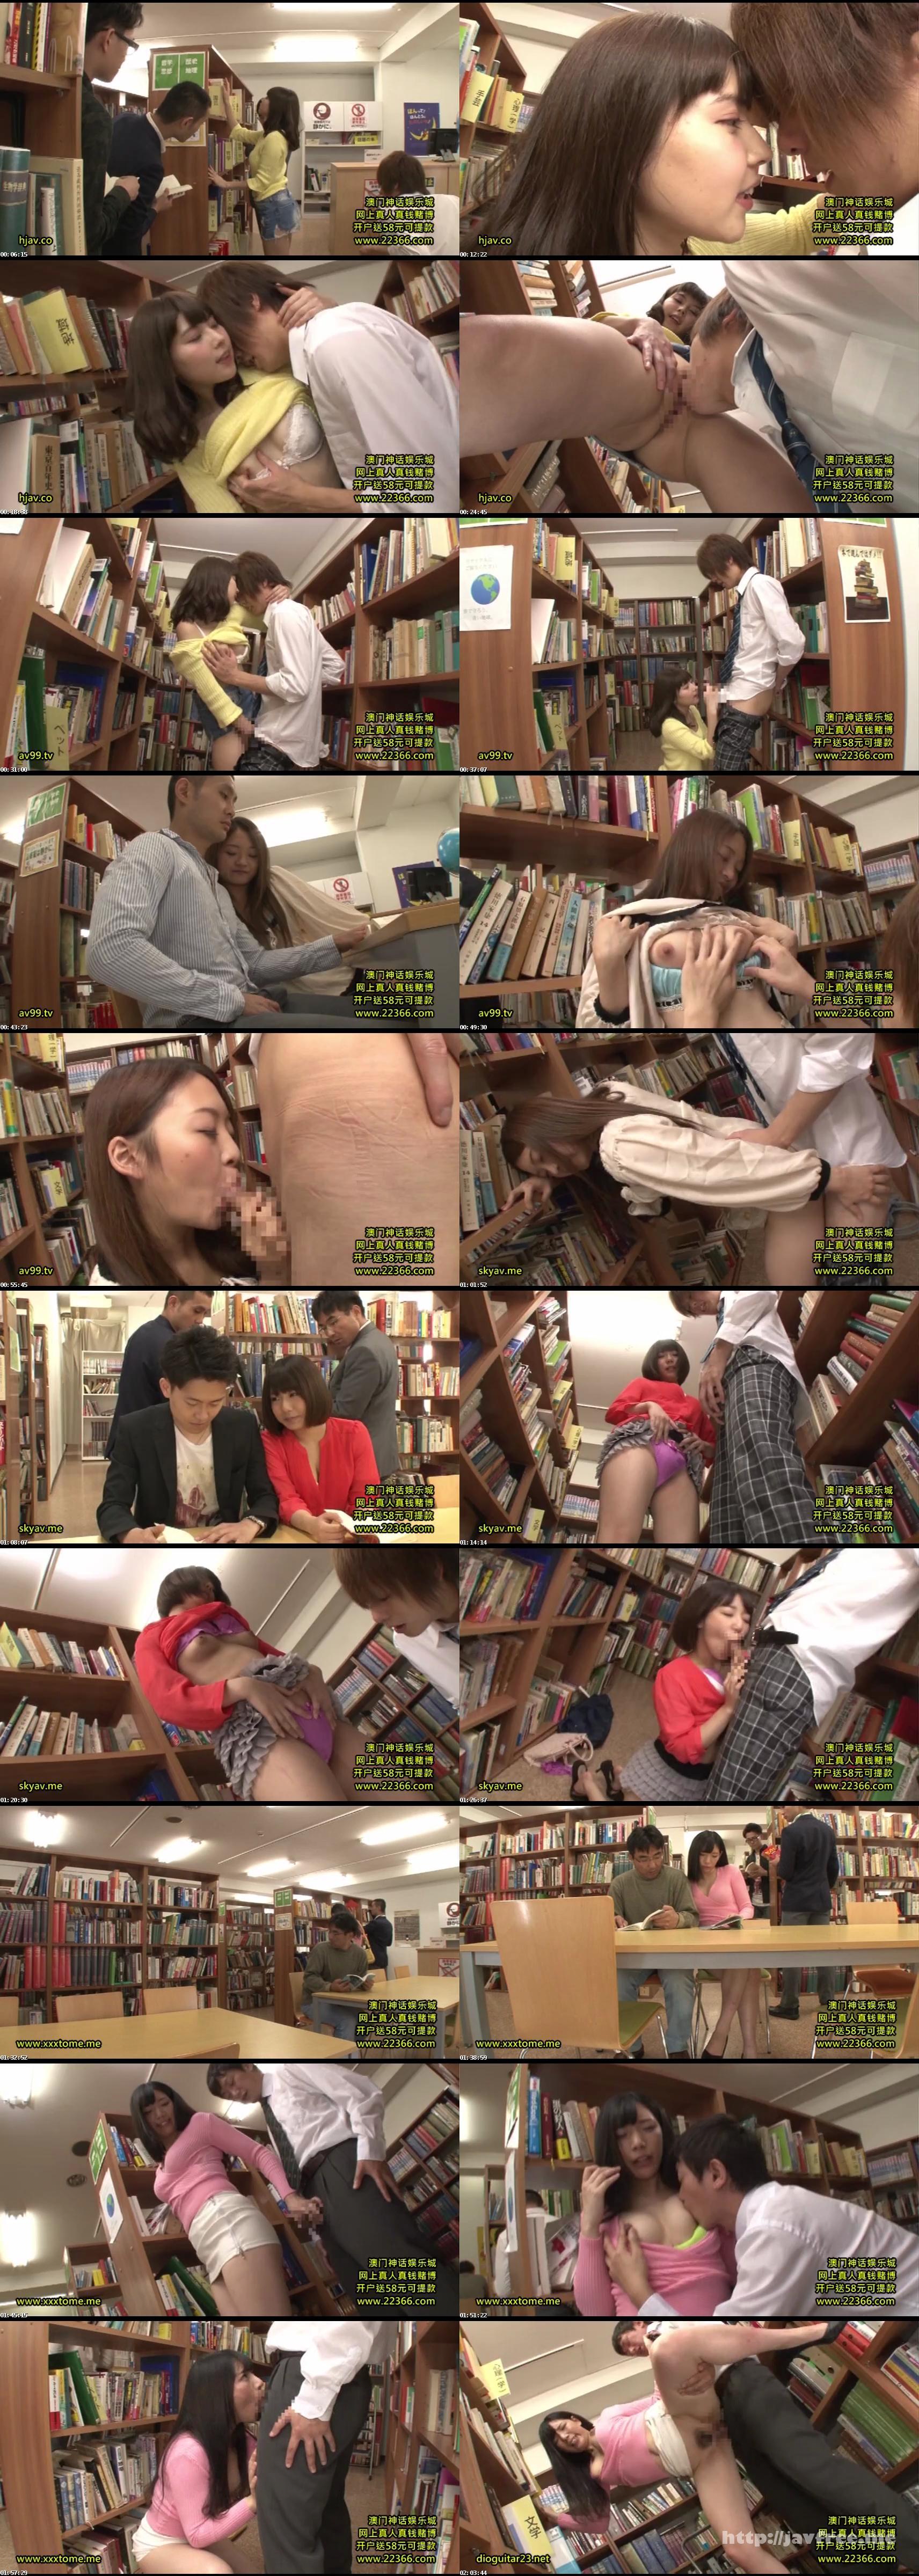 [GS 006] 図書館で僕の前に現れたソソルお姉さん ミニスカの隙間から見えるパンツにドキドキが止まりません。 田村ゆめの 早瀬ありす 彩城ゆりな 夏海花凛 GS